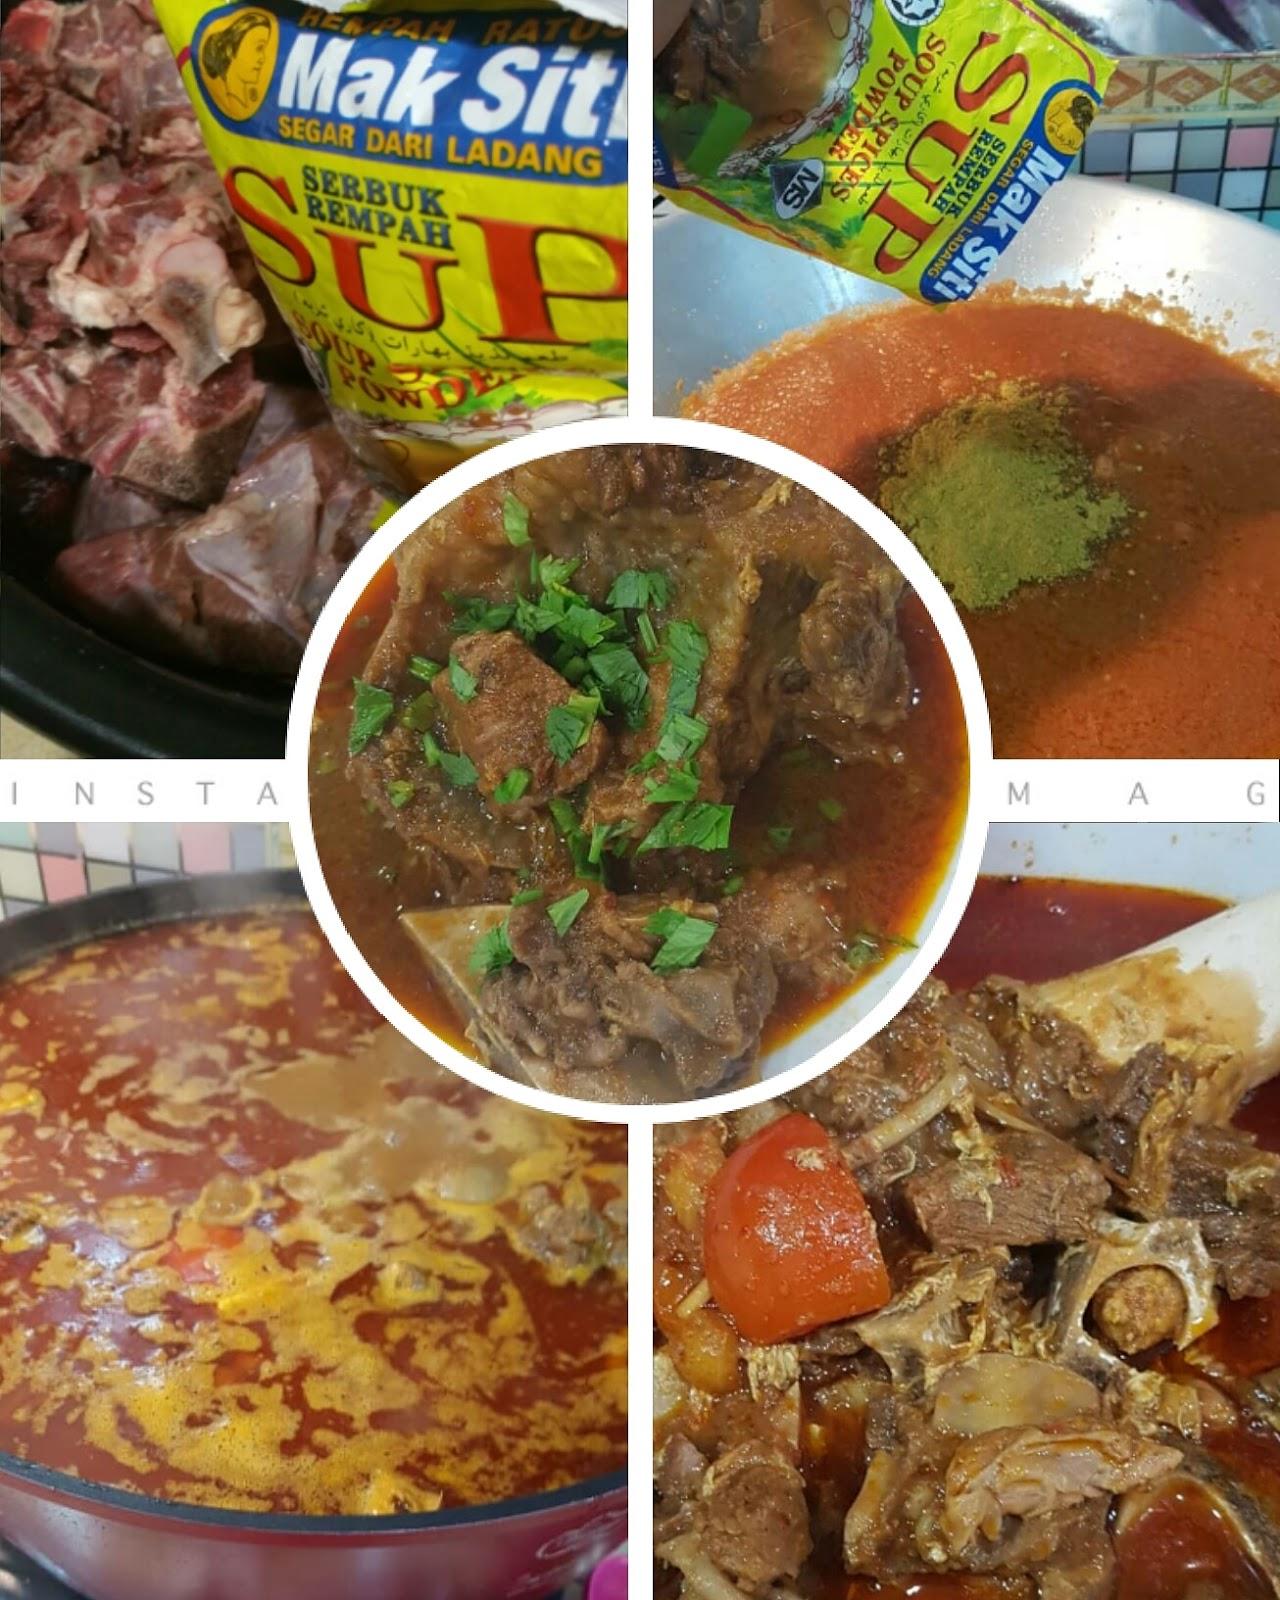 Rempah sup Mak Siti, resipi sup tulang Merah Mak Siti, Rempah ratus Mak siti